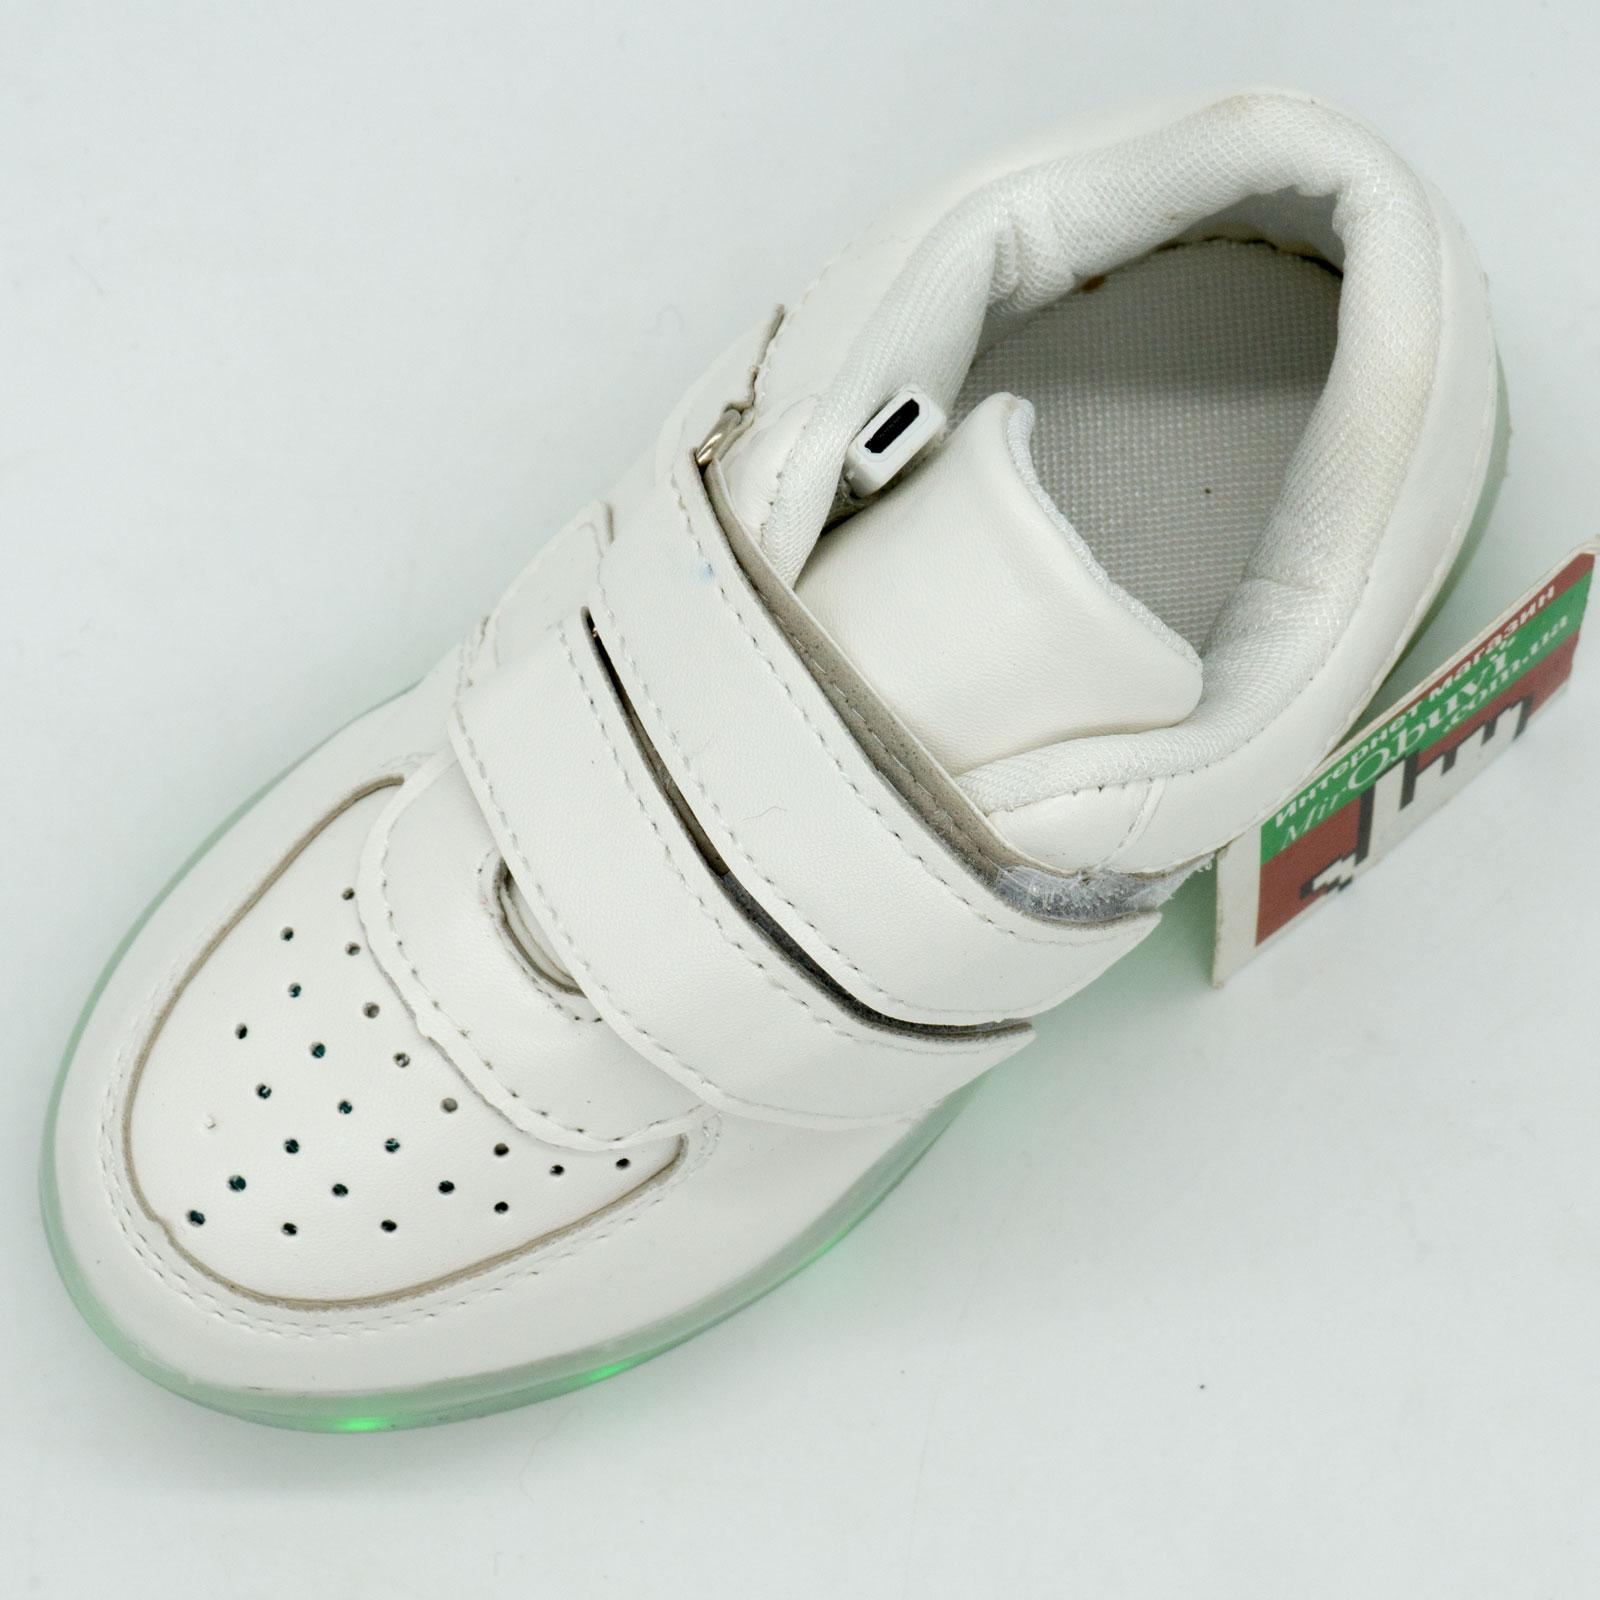 фото back Белые светящиеся кроссовки Led низкие на липучке back